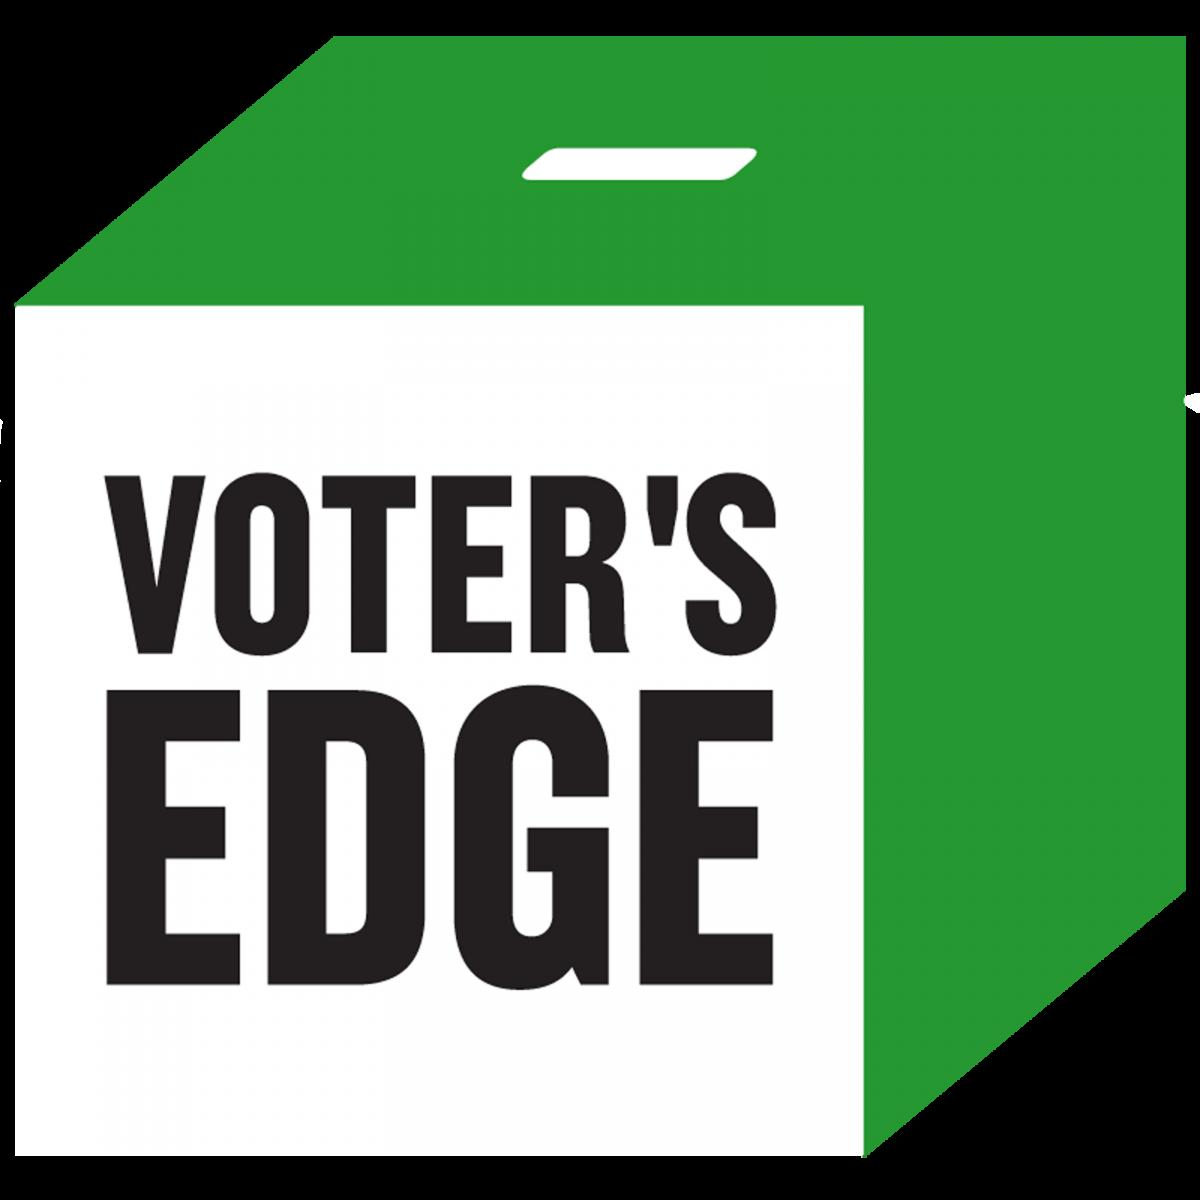 Voter's Edge